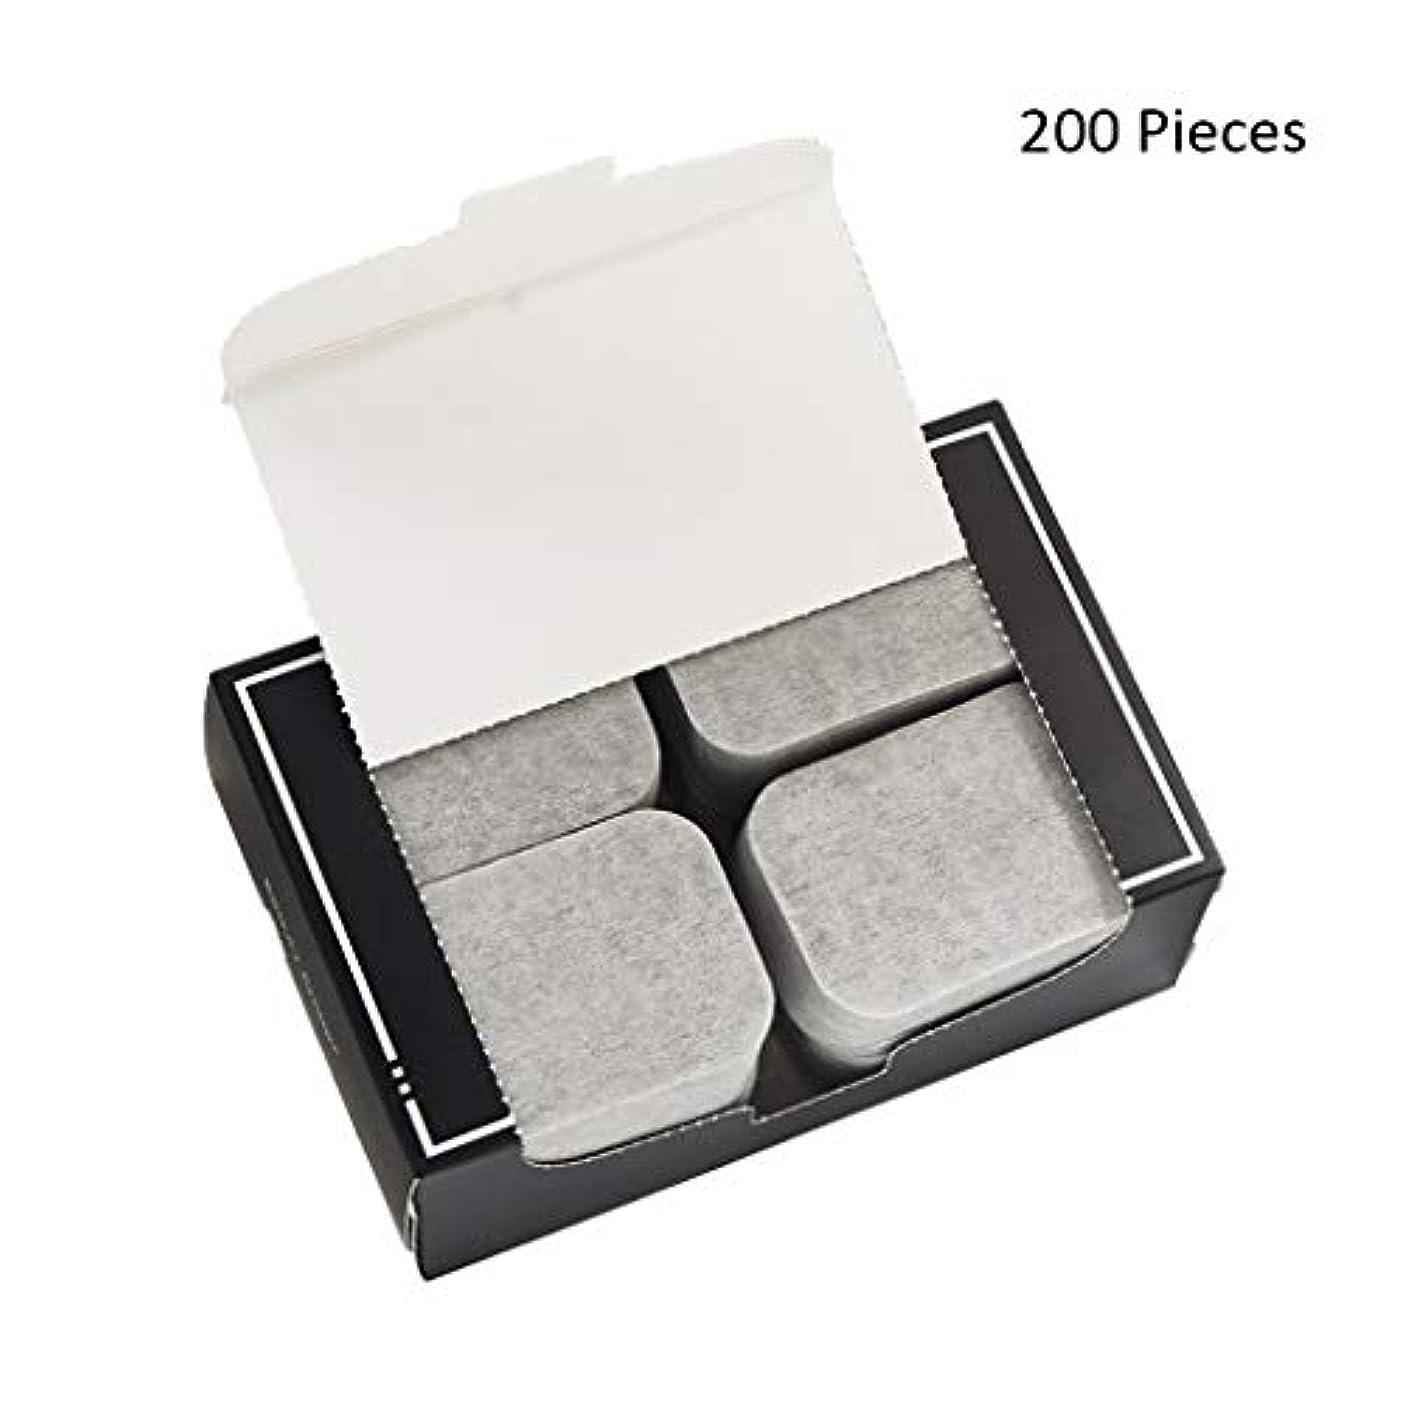 検証時間不十分クレンジングシート 200ピースフェイスメイクアップリムーバー竹炭コットンパッドソフトクレンジングメイクピュアコットン両面スライス 落ち水クレンジング シート モイスト (Color : Gray, サイズ : 7*5cm)